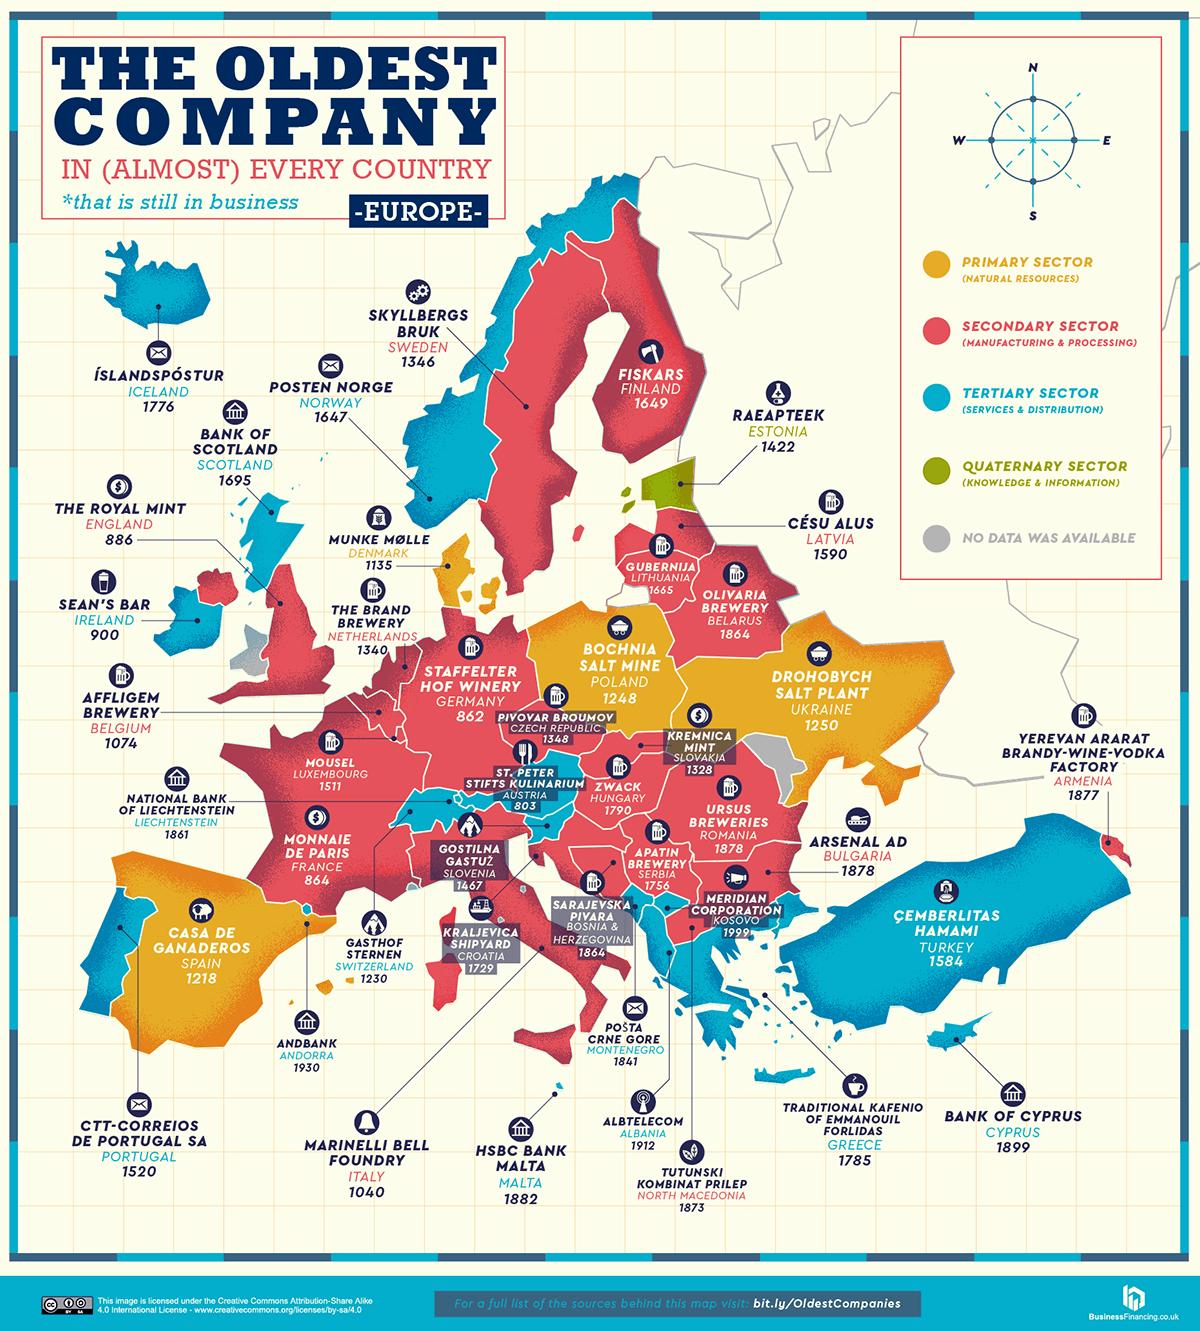 najstarije kompanije u evropi